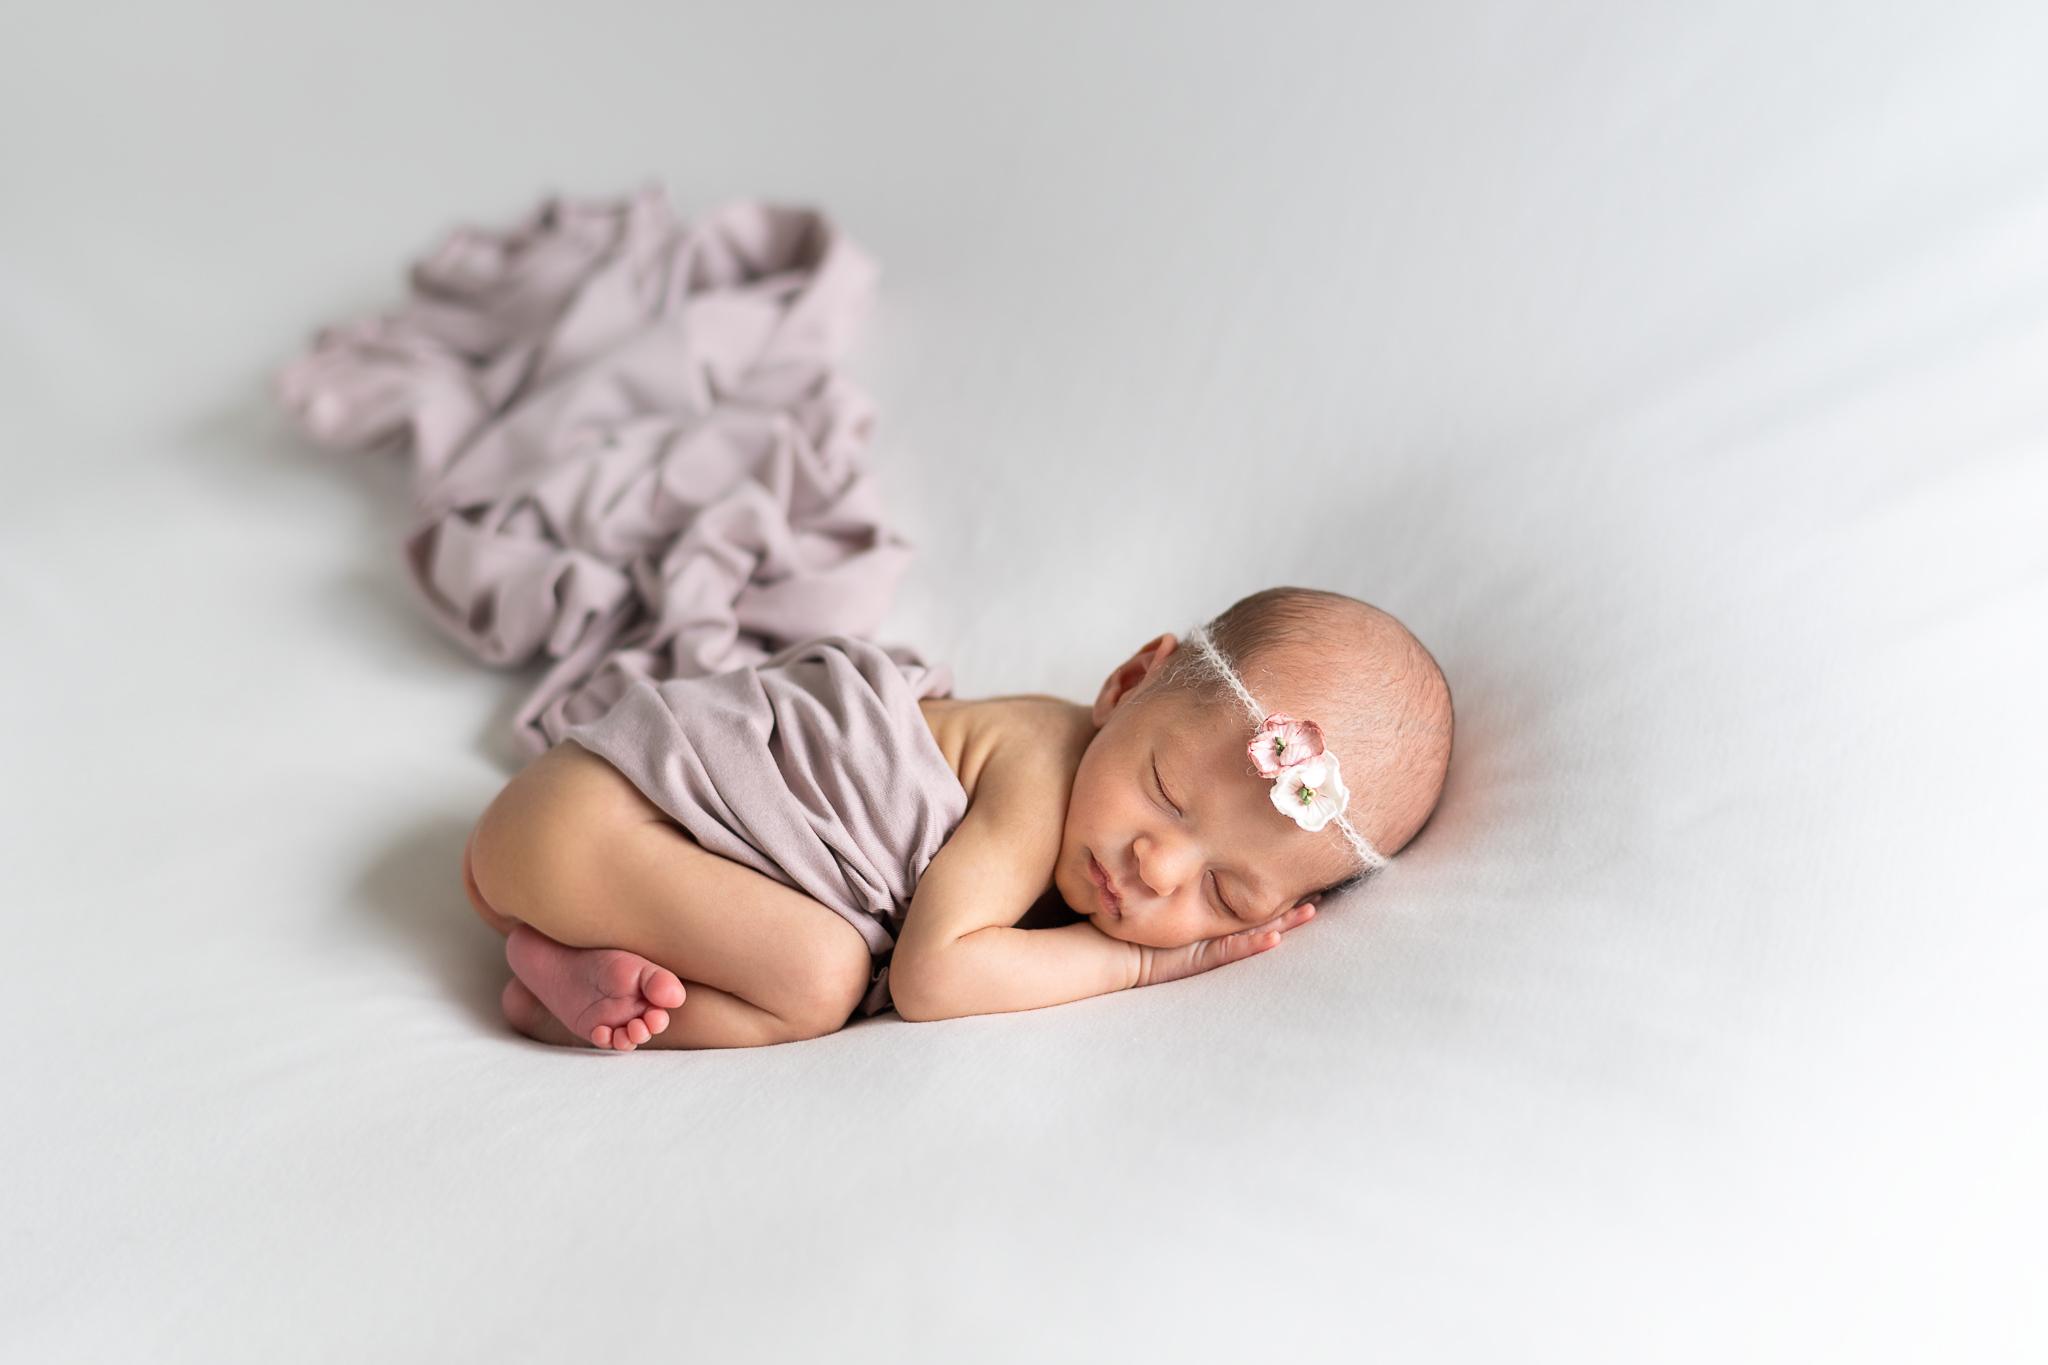 Nyfødtfoto av fotograf Gitte Boge